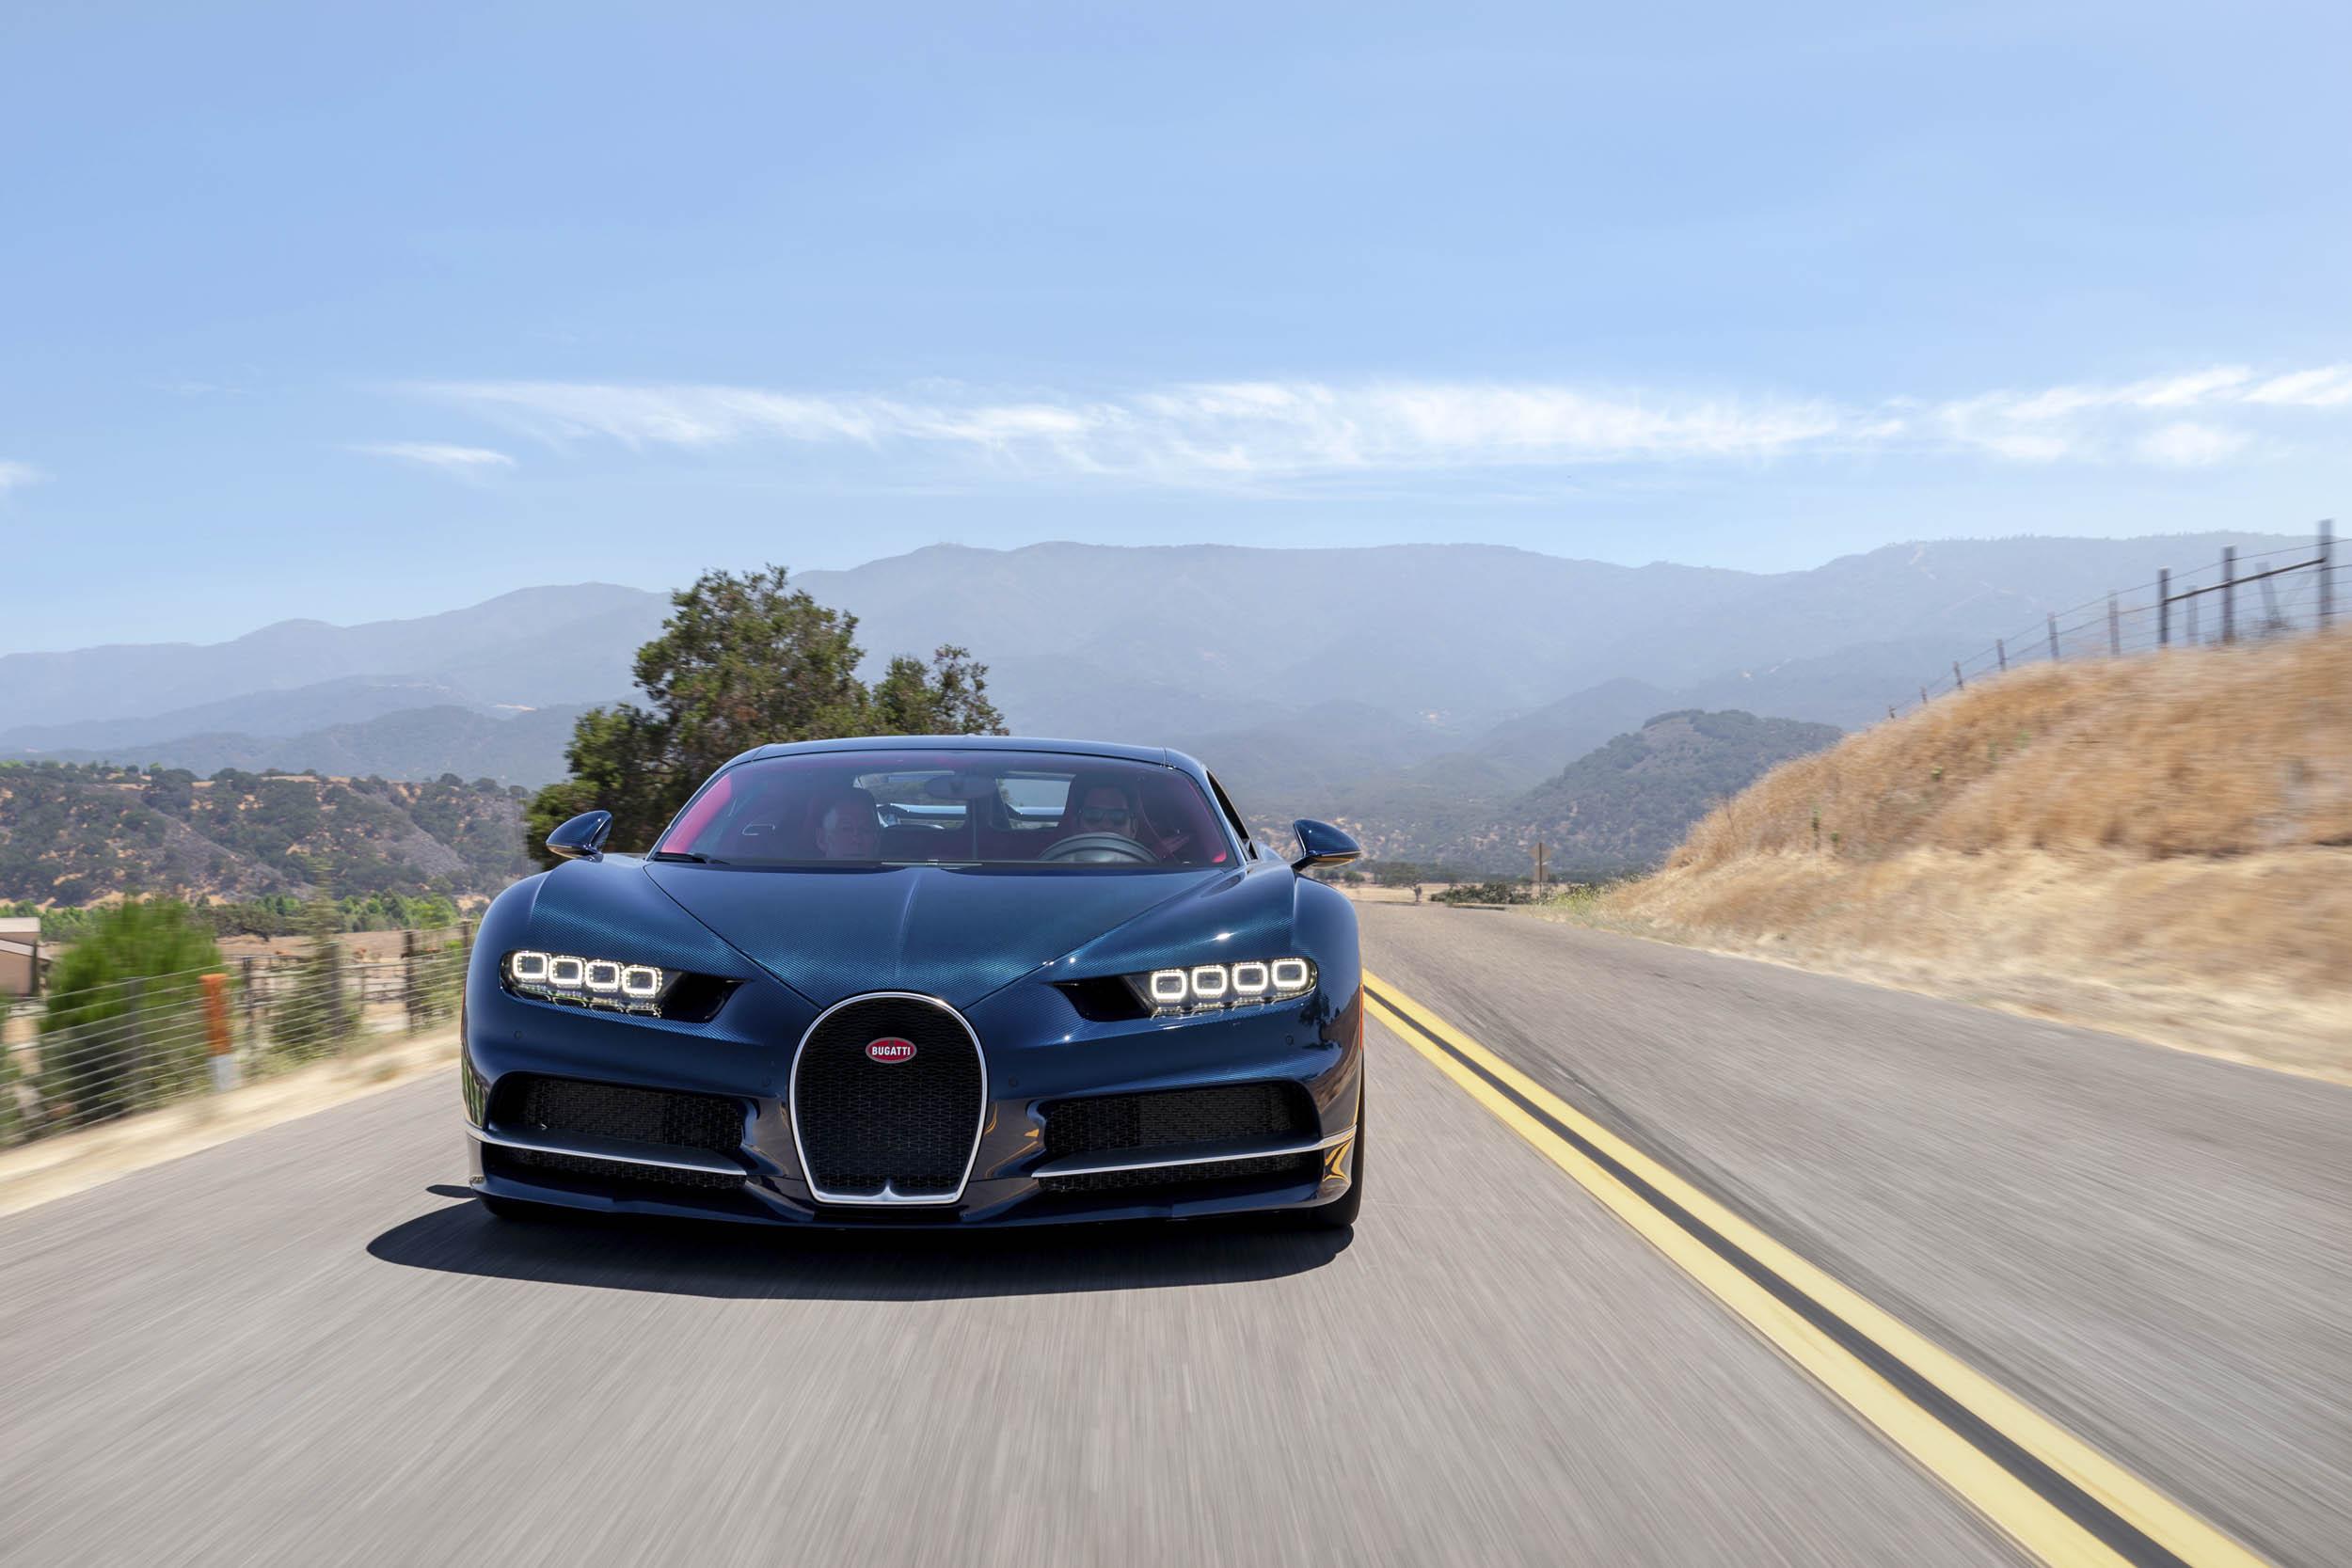 2018 Bugatti Chiron front